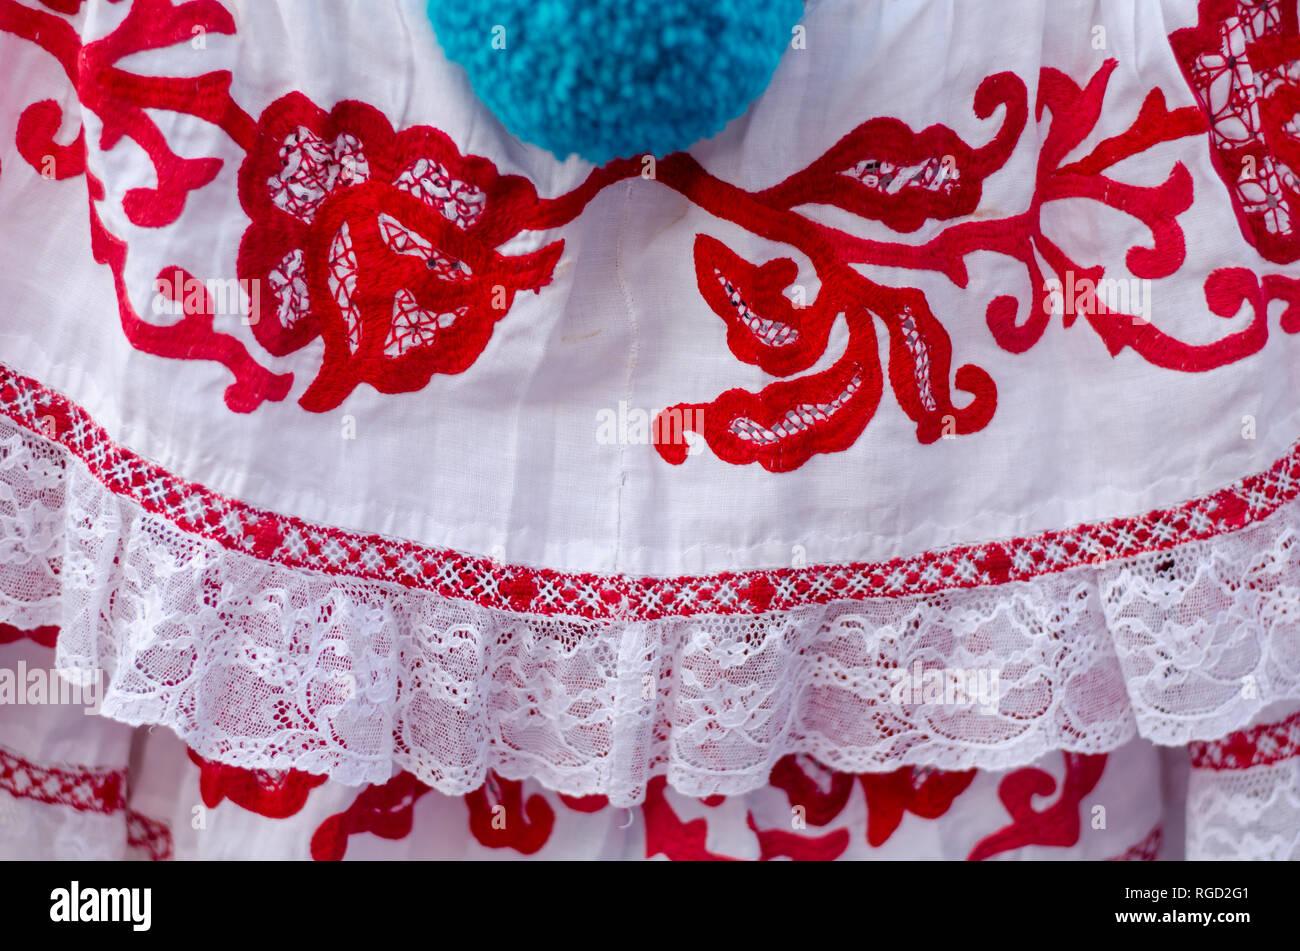 Detalles de la vestimenta típica panameña conocida como la pollera. El patrón es todos hechos a mano, utilizando diferentes técnicas de bordado Imagen De Stock